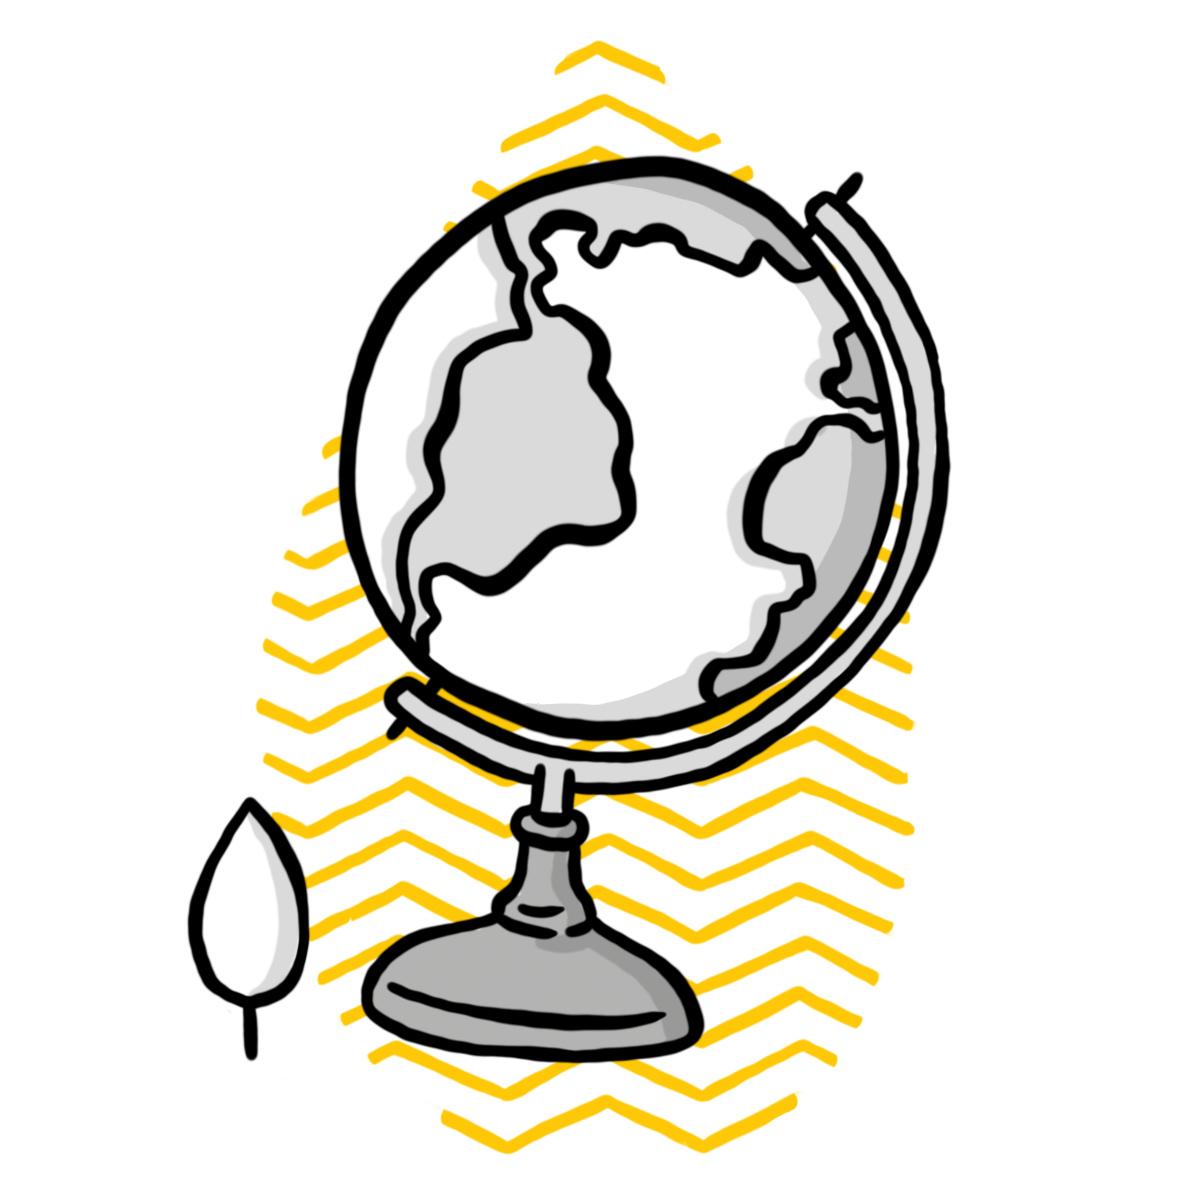 Globus Illustration mit Science School-Bäumchen (Symbol für Science School RG Langform)